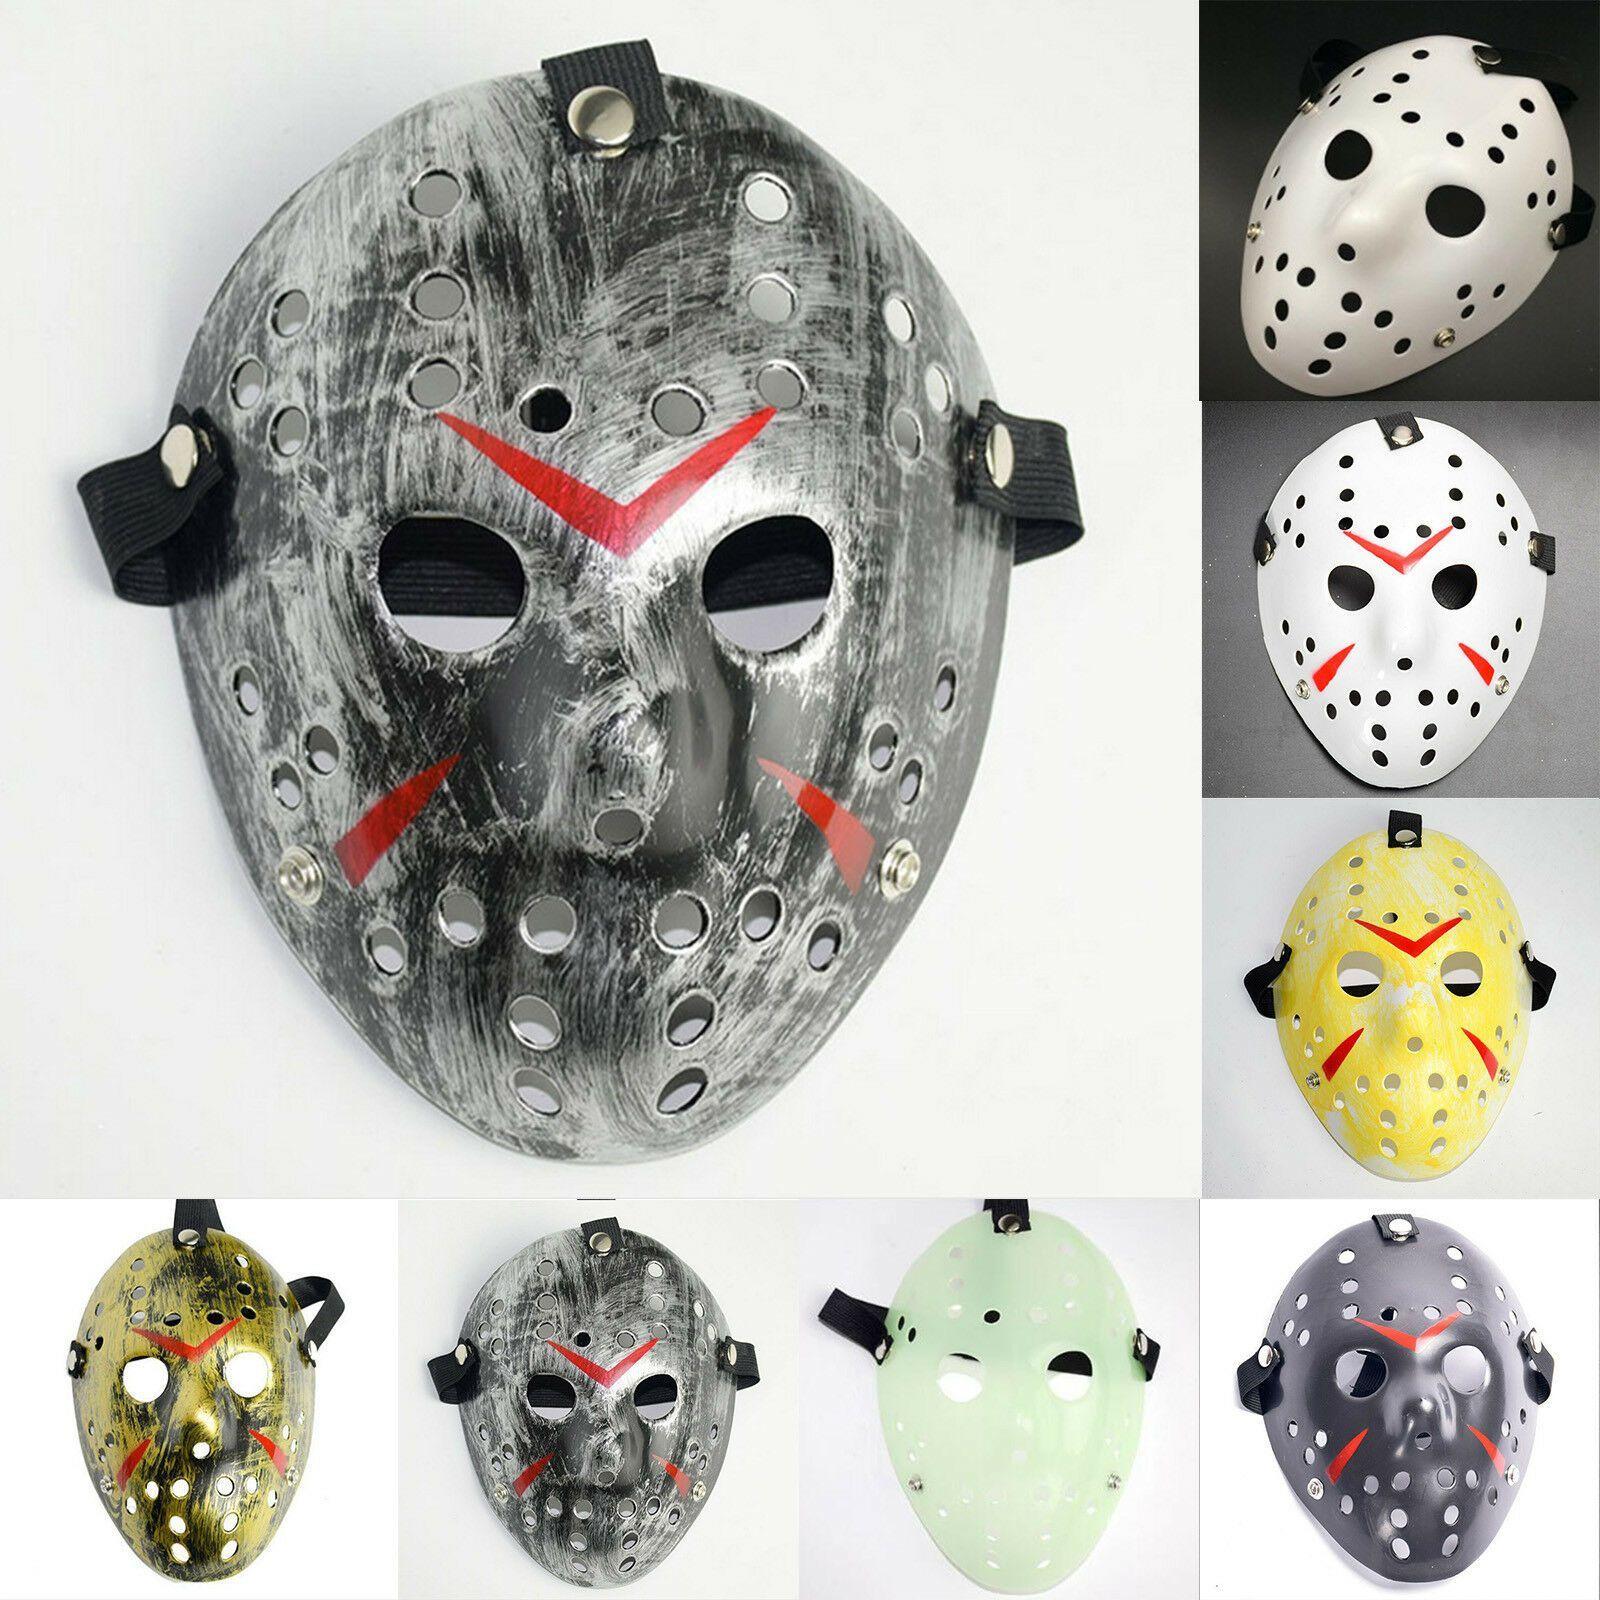 Werbung Halloween Cosplay Maske Freitag Der 13 Jason Voorhees Masken Karneval Kostum Ebay Halloween Gruselige Masken Halloween Party Kostum Party Masken